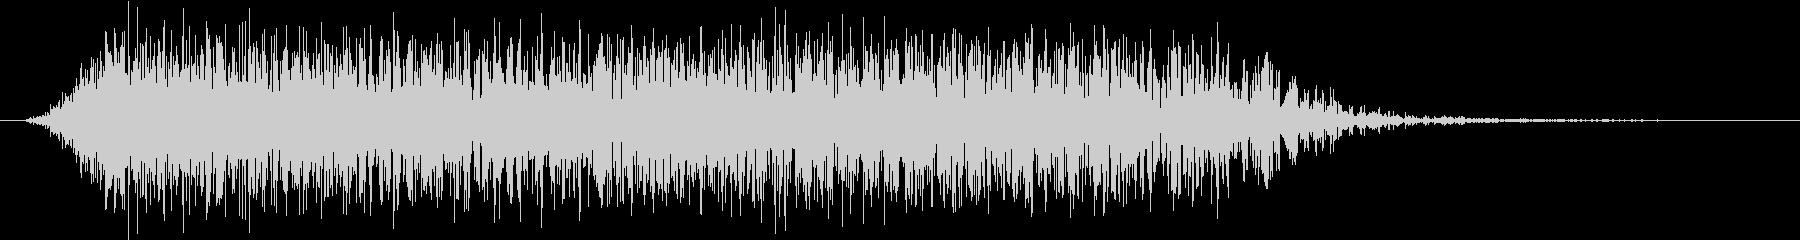 モンスター 悲鳴 40の未再生の波形